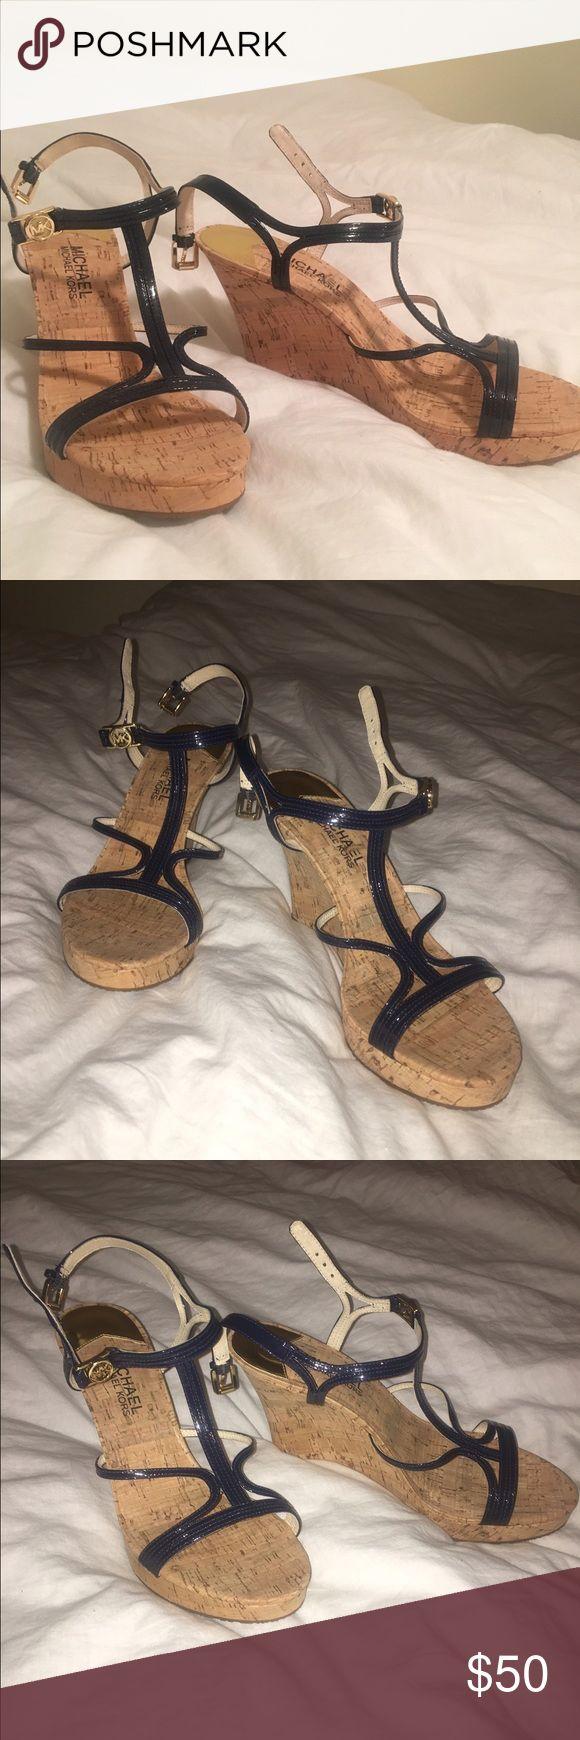 Michael Kors Navy Wedges Never been worn Michael Kors navy wedges! Michael Kors Shoes Wedges